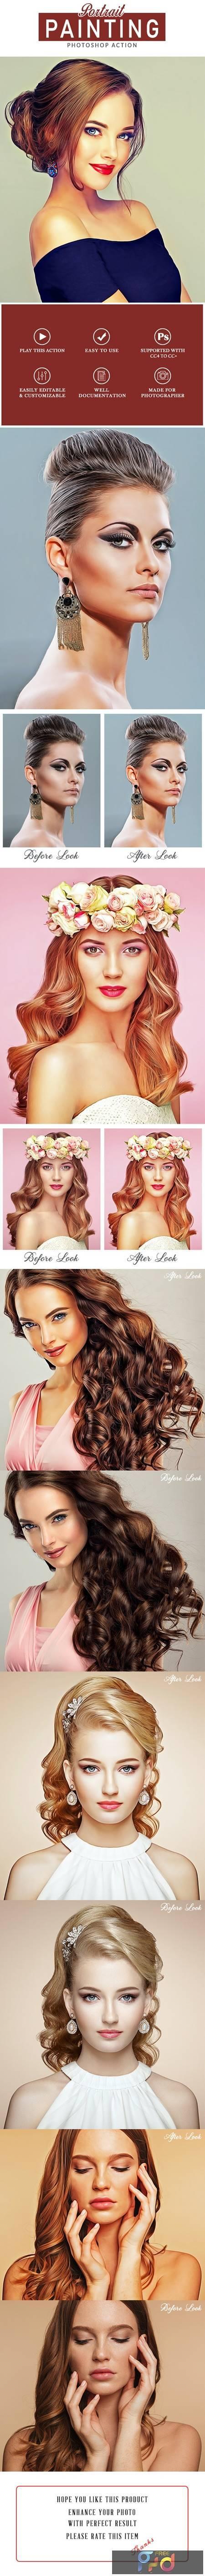 Portrait Painting Photoshop Action 28403905 1